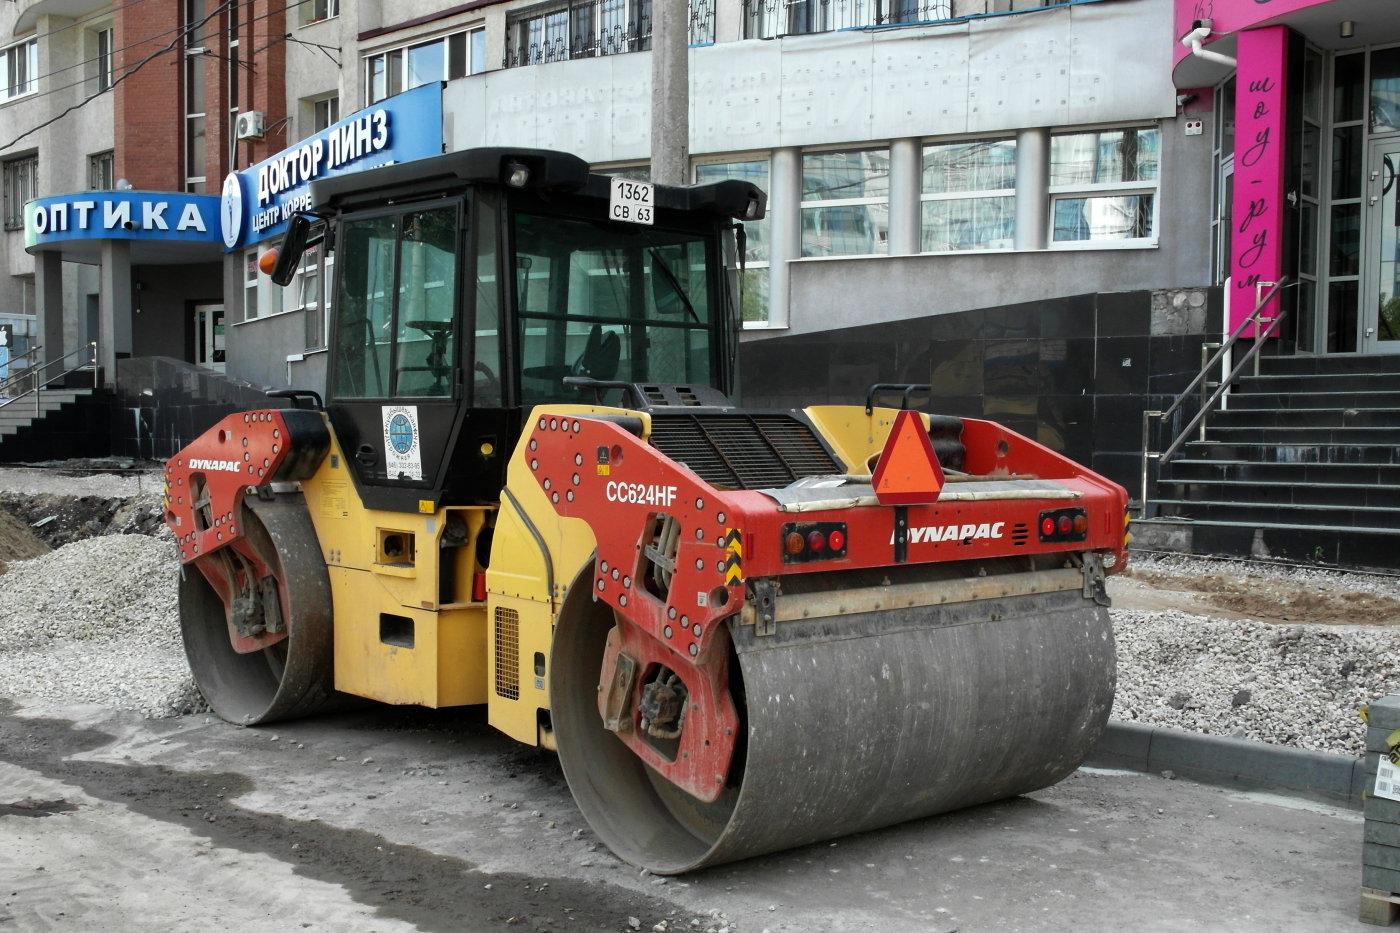 дорожный коток DYNAPAC CC624HF #1362СВ63. г. Самара, ул. Ленинская